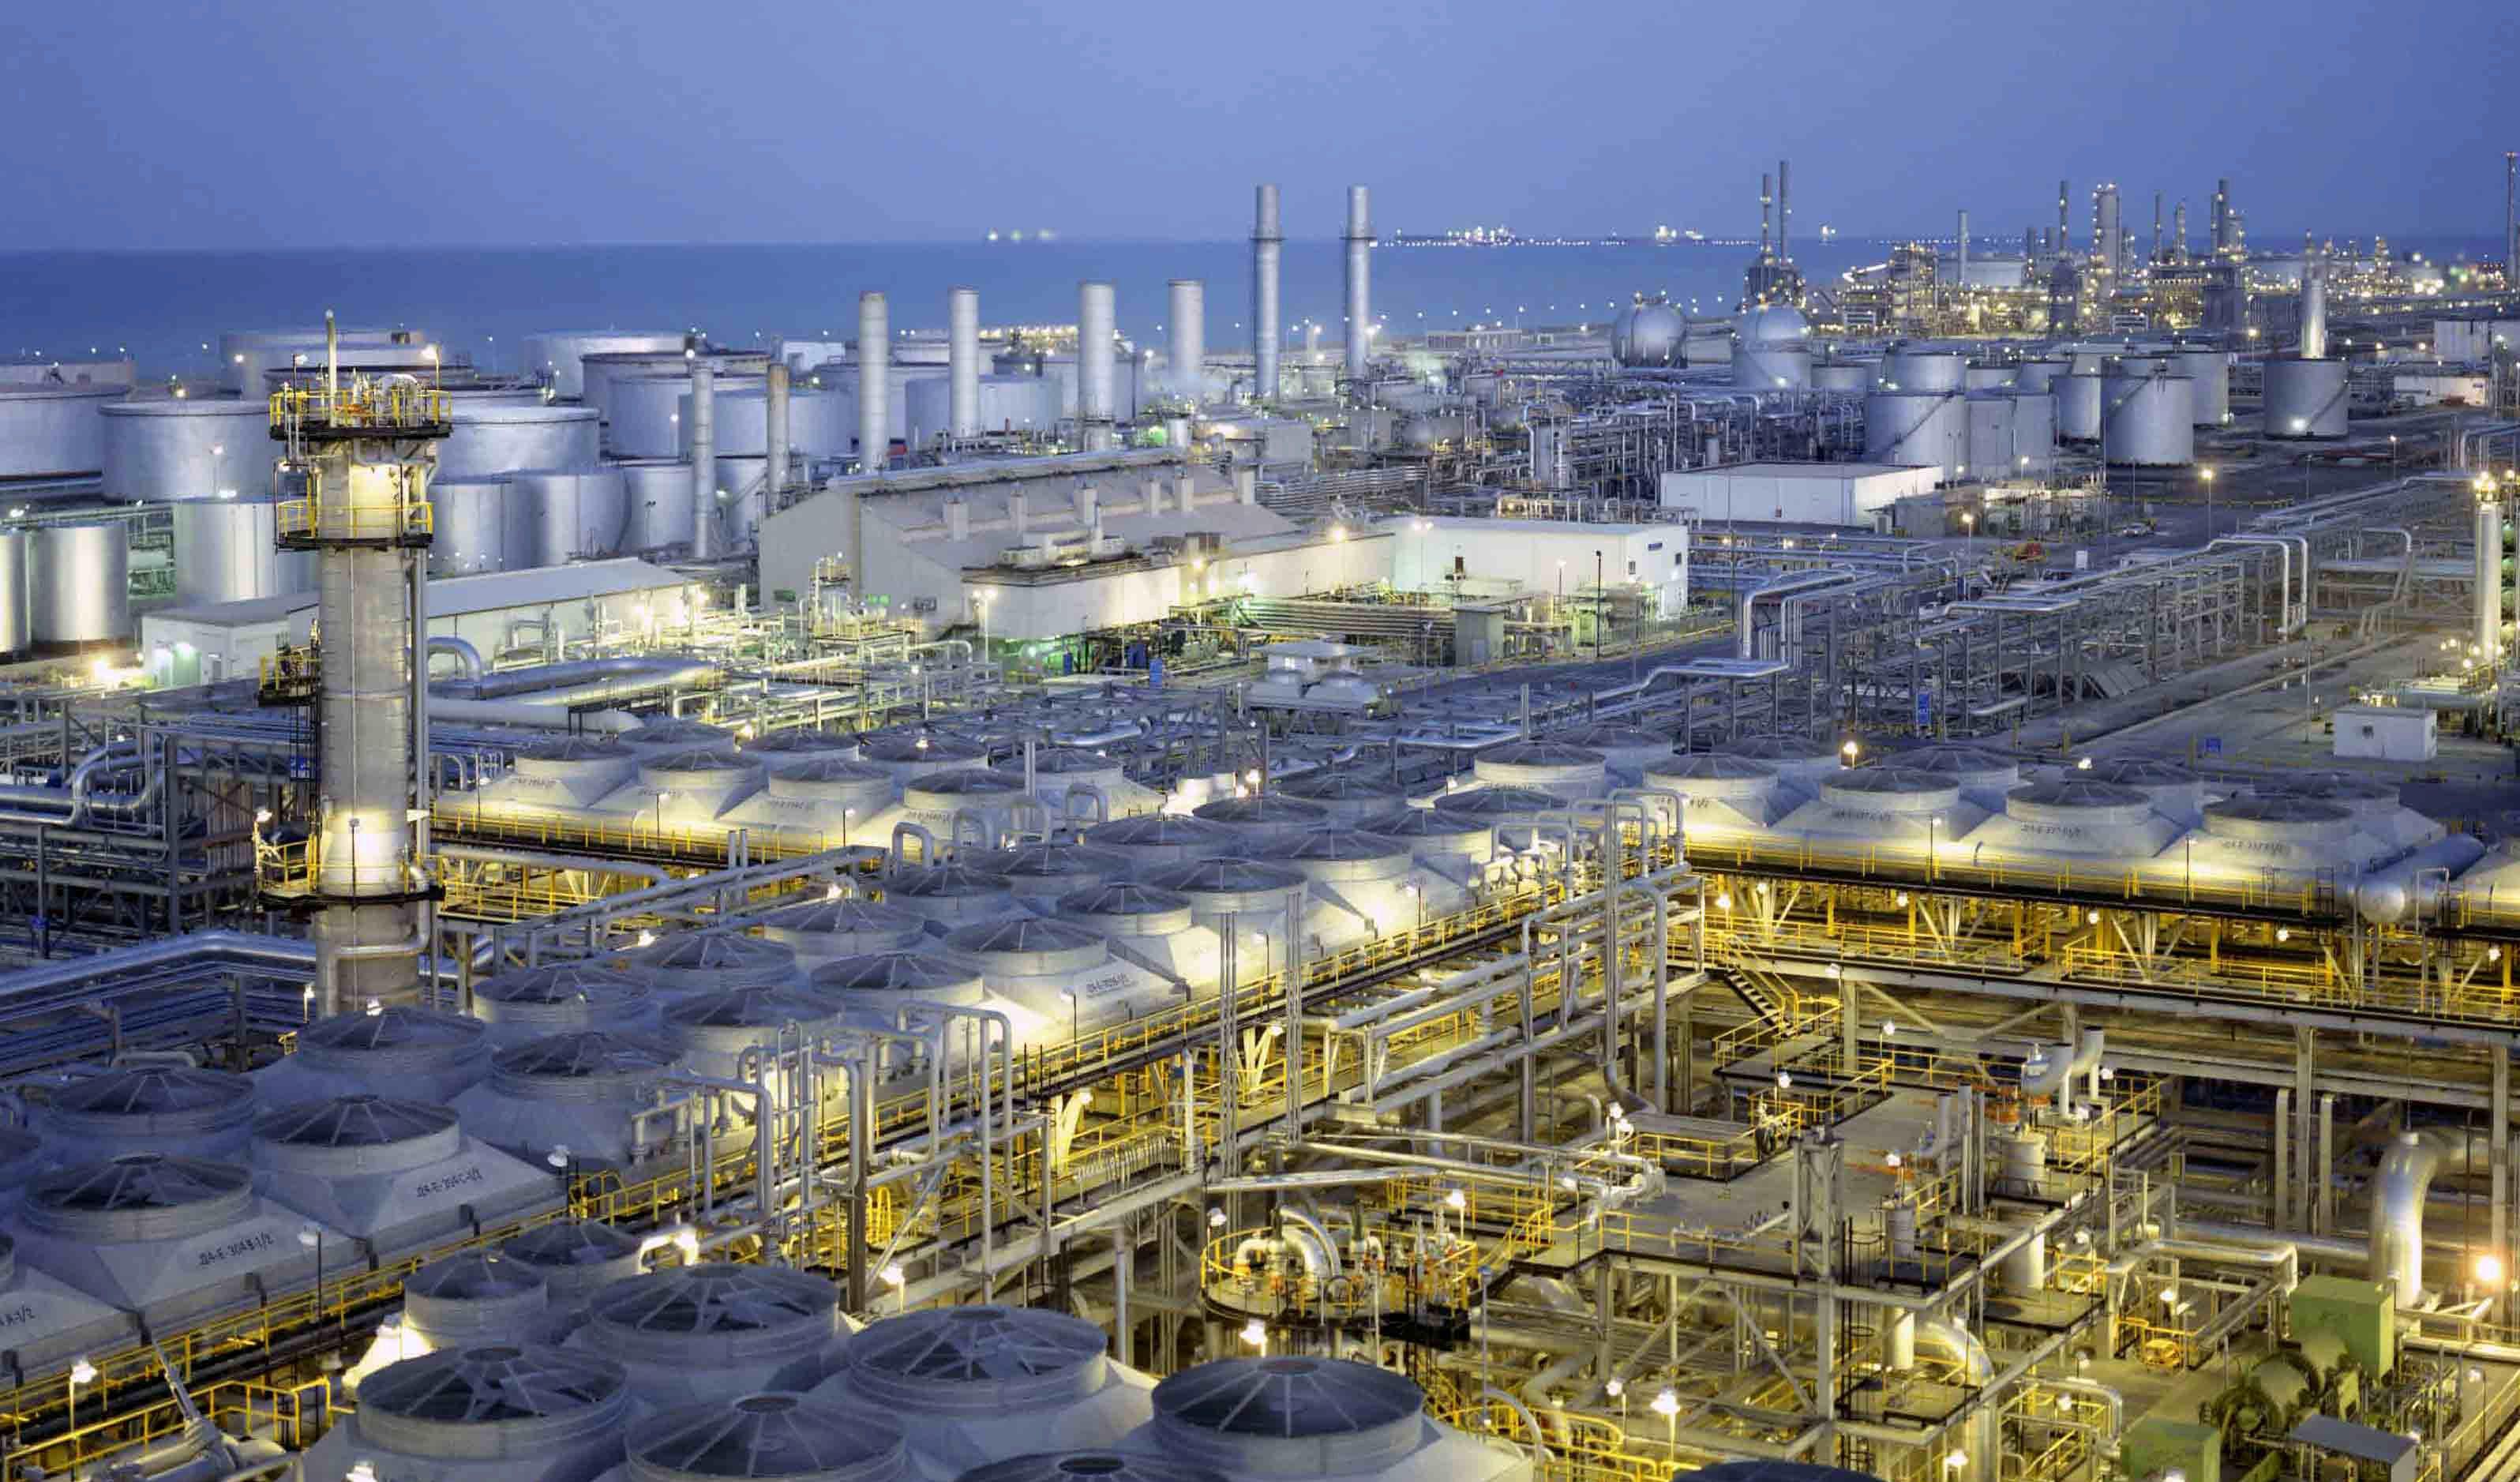 ازسرگیری پروژههای آرامکو برای افزایش ظرفیت تولید نفت